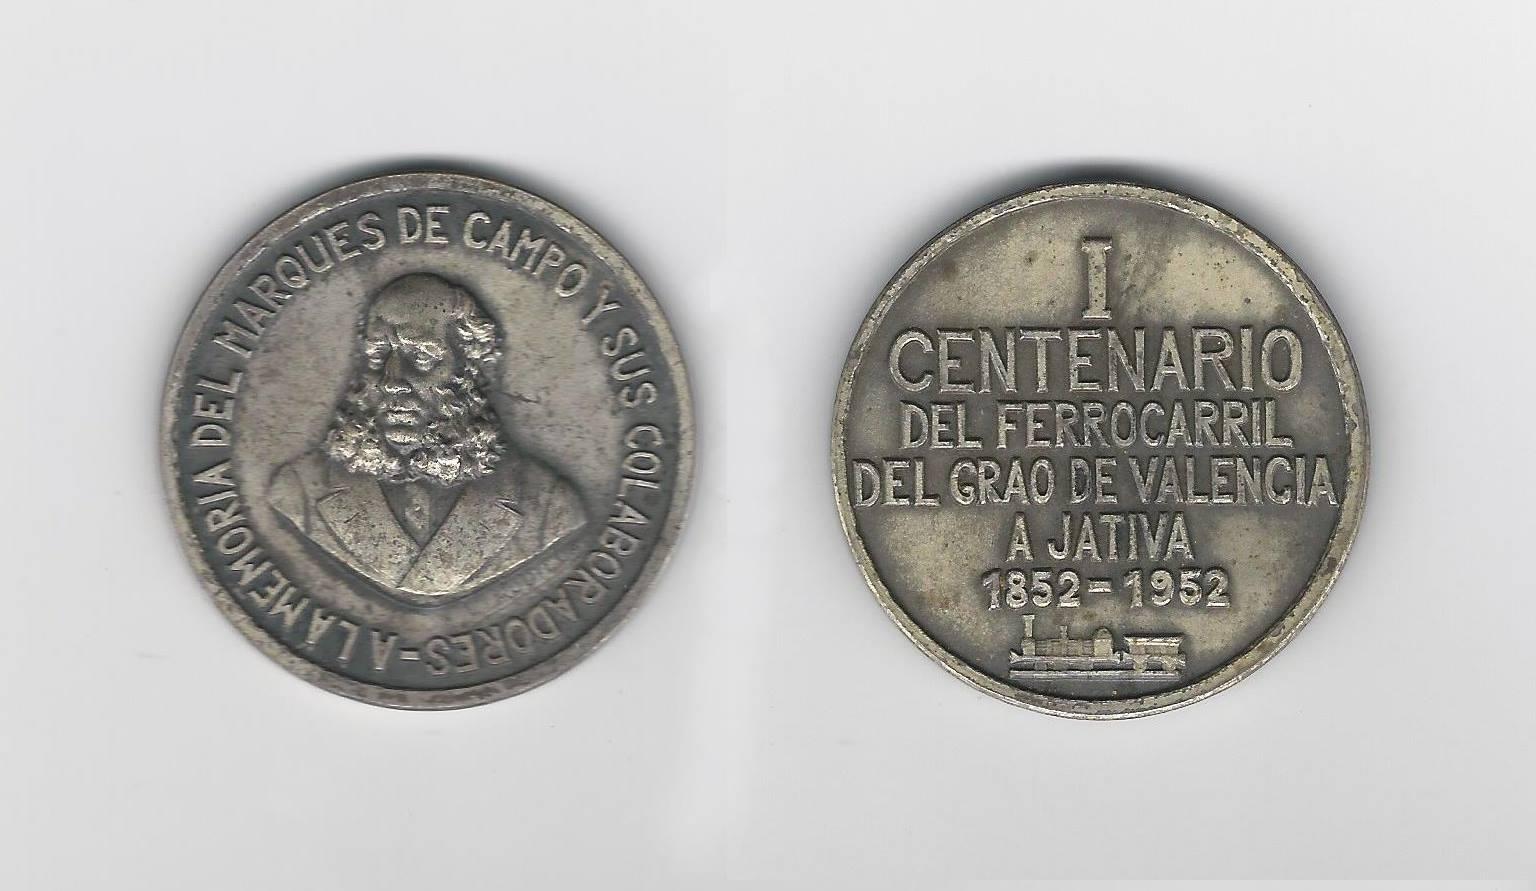 Medalla del Centenario. Escaneo facilitado por Tono Giménez